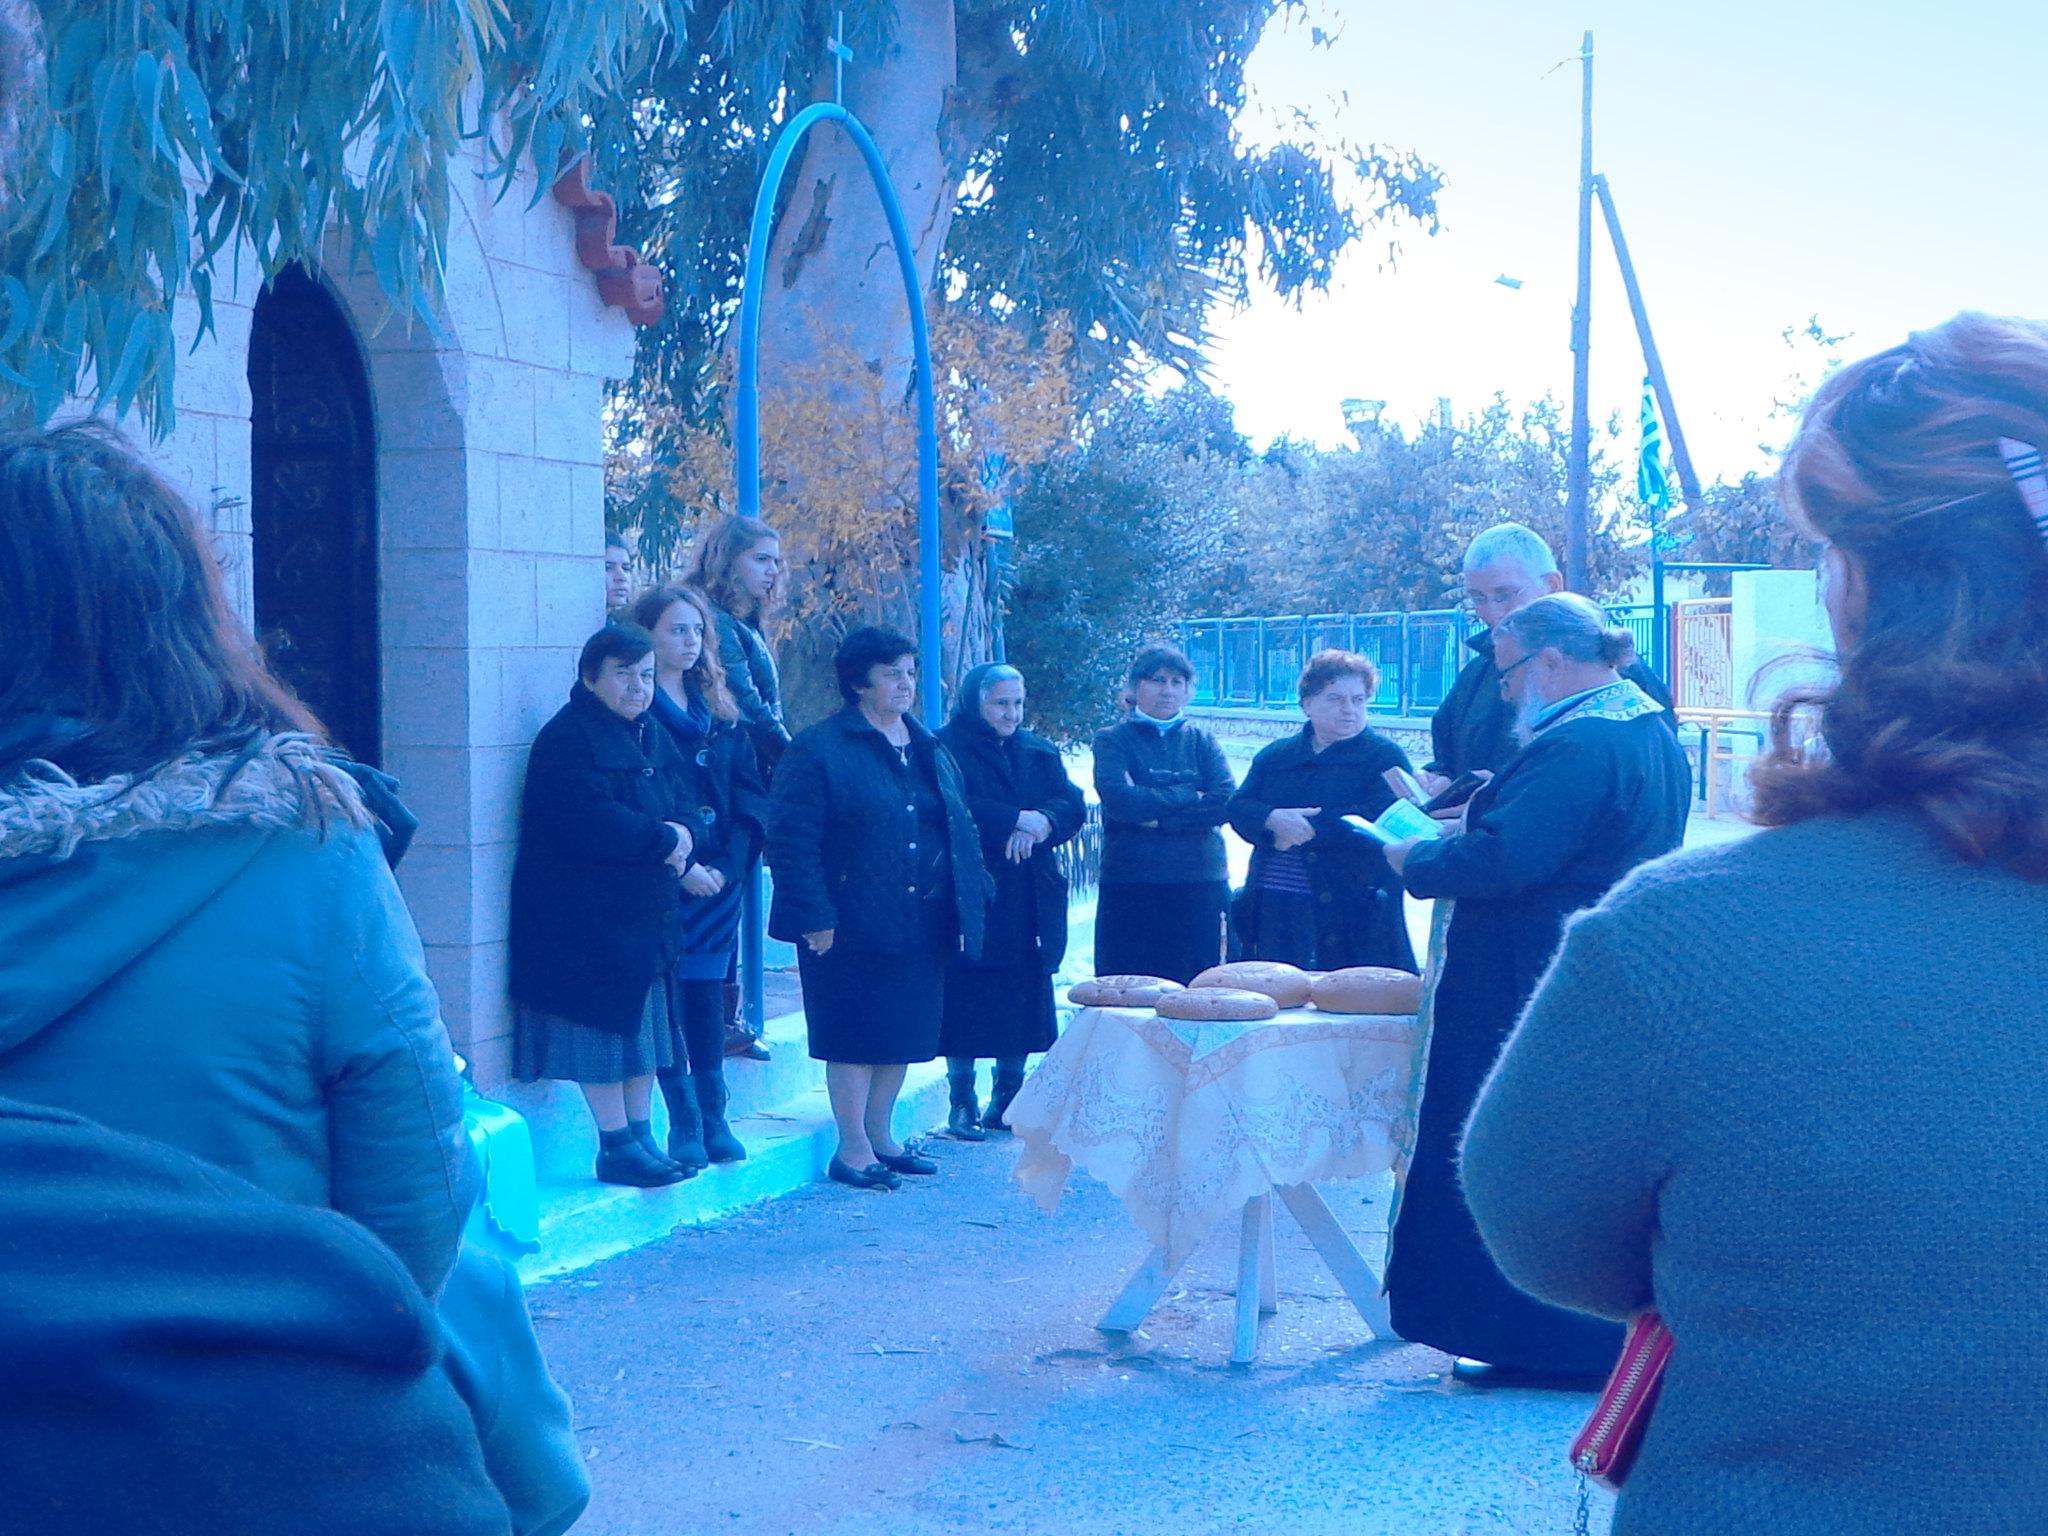 Εκκλησάκι Αγίου Νικολάου, Ψίνθος